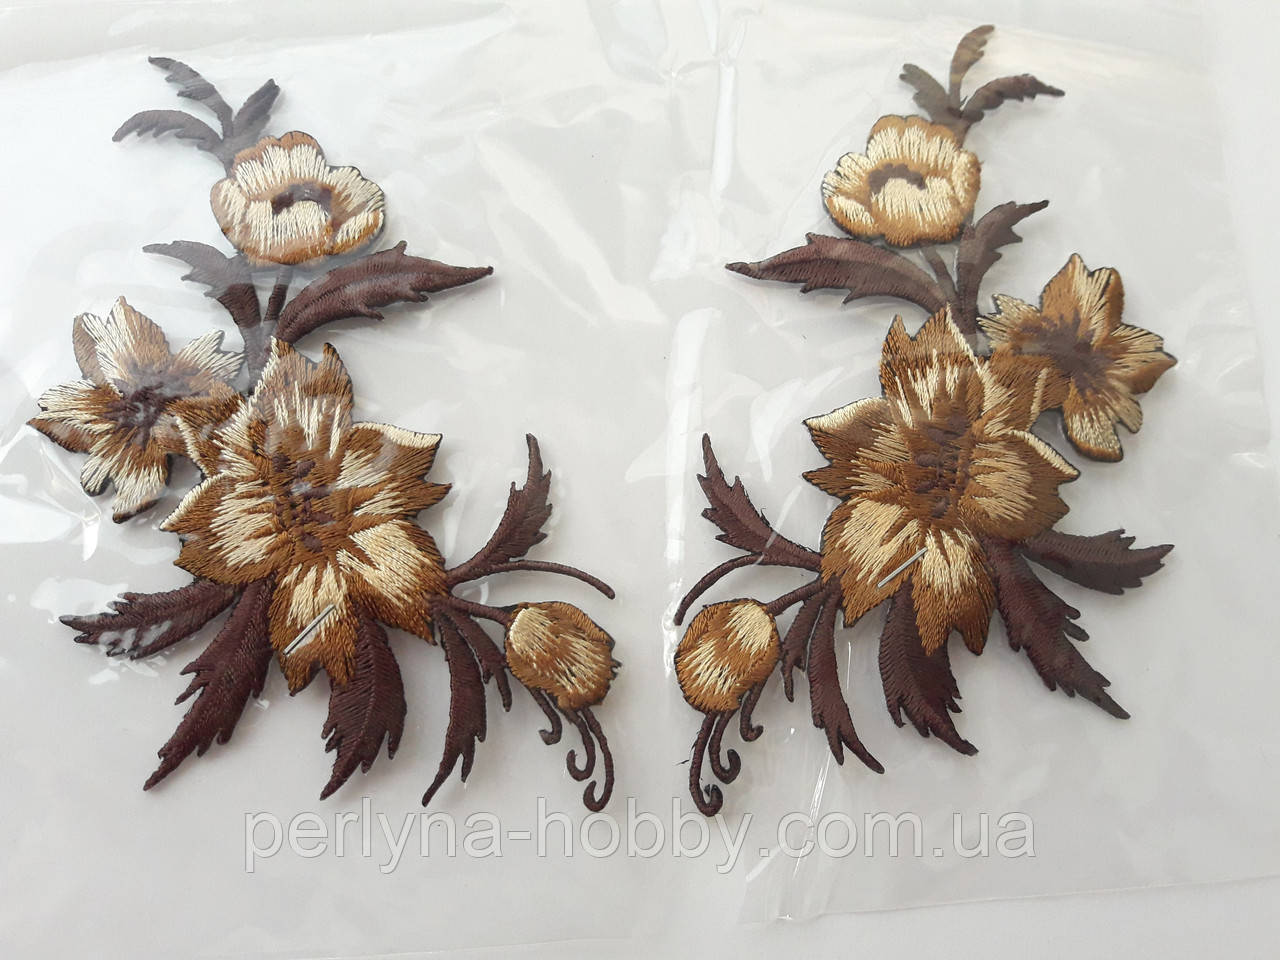 """Аплікація вишивка клейова парна """"Квіти""""коричнев , 12-13 см 1пара. Аппликация клеевая, термоаппликации"""